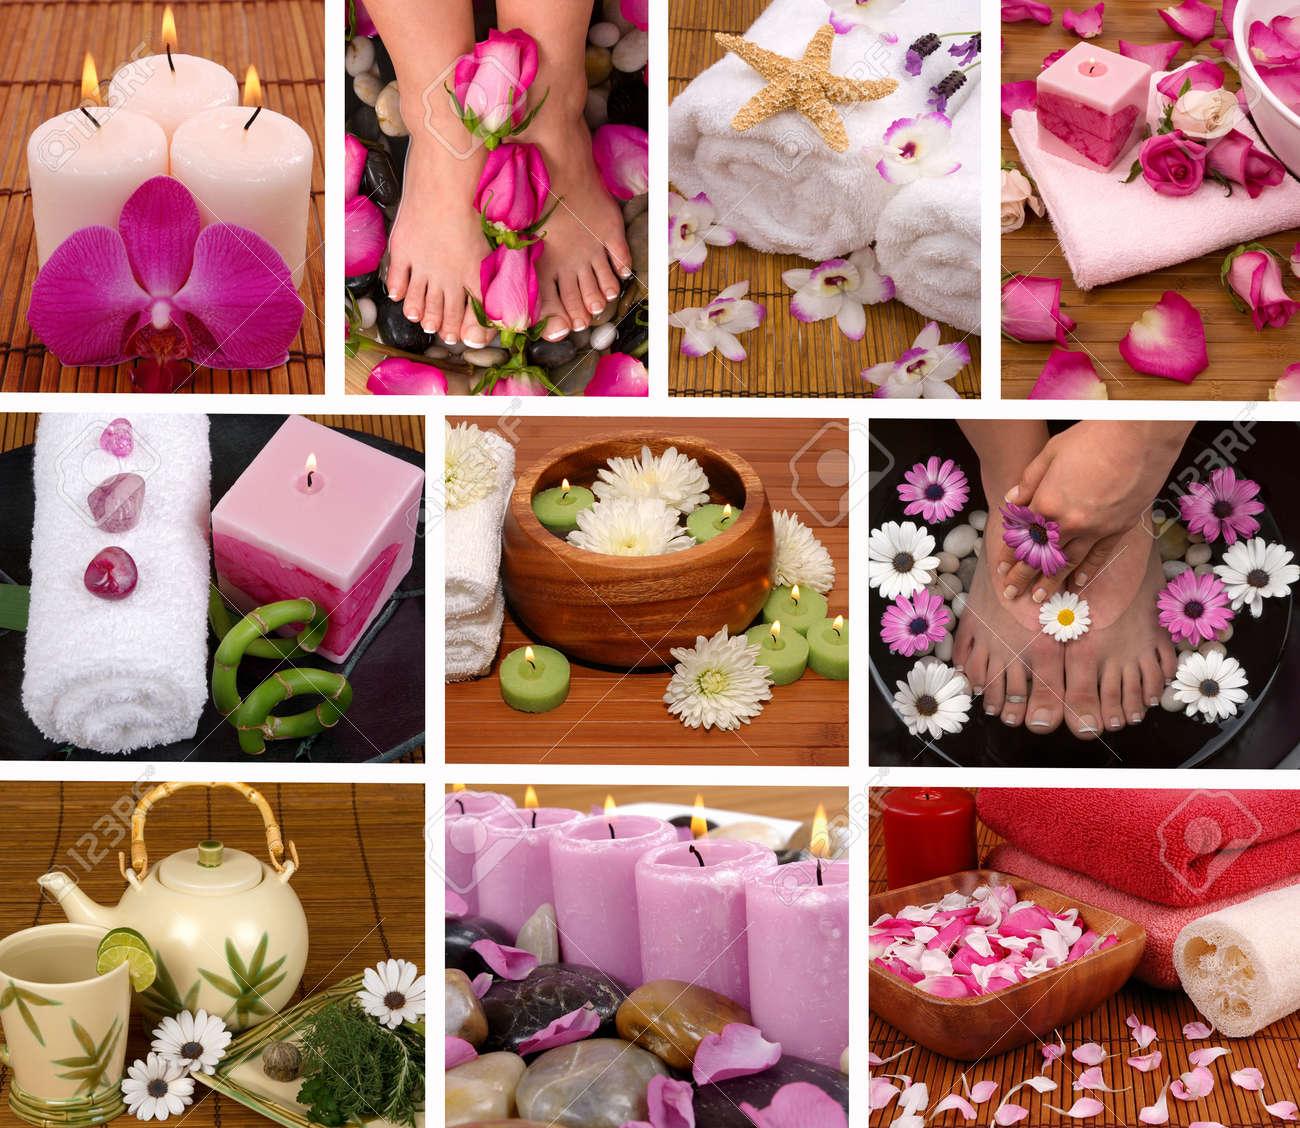 Spa collage con aromaterapia, pedicura y masaje Foto de archivo - 13226695